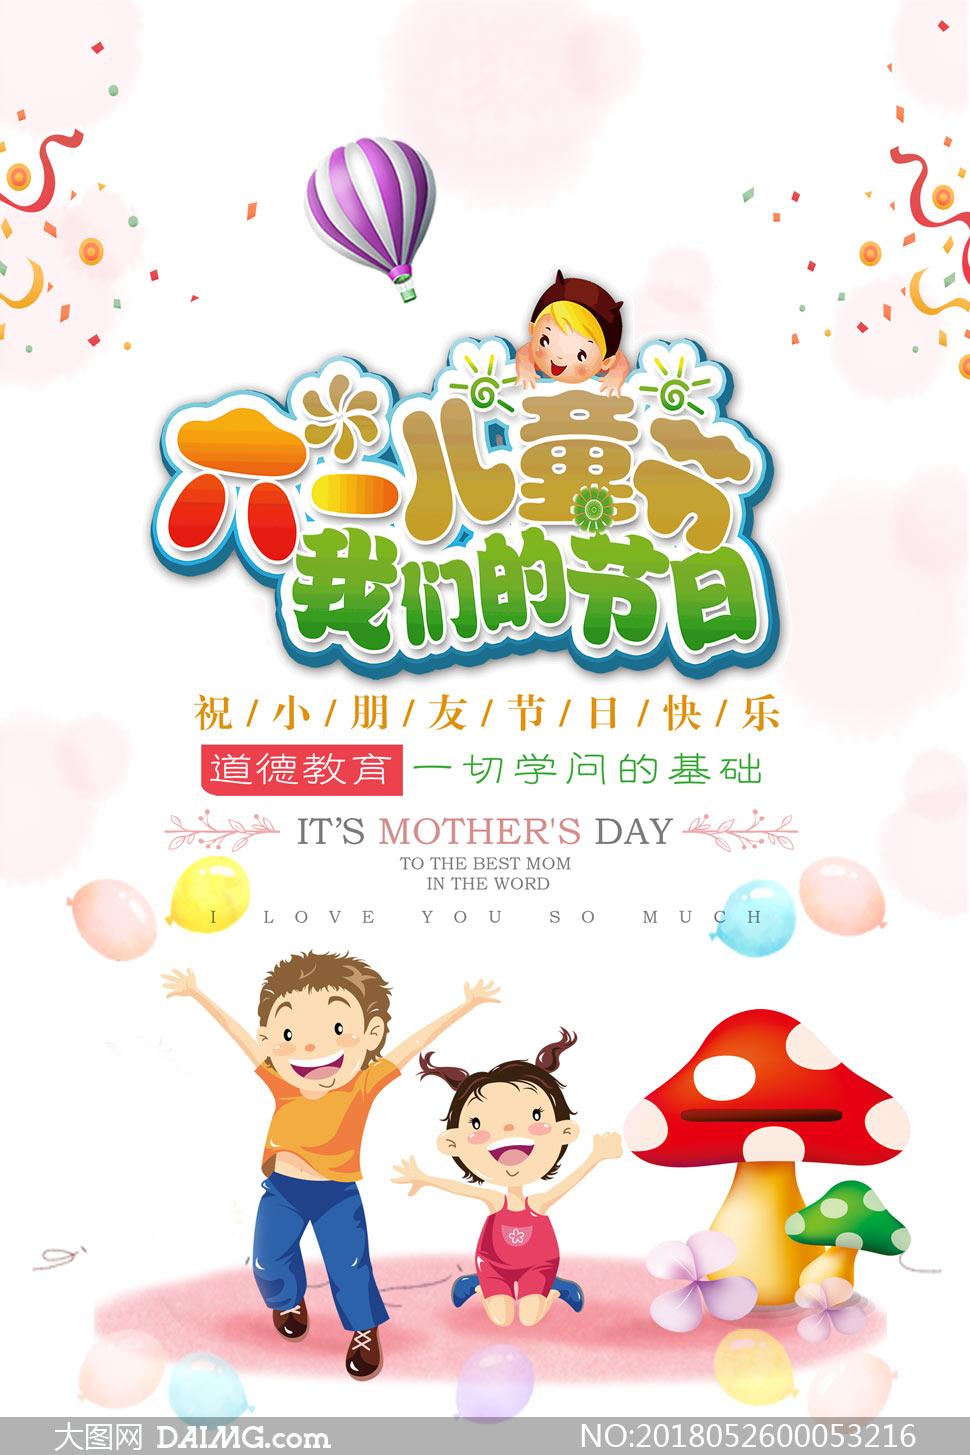 六一儿童节快乐活动海报模板psd素材